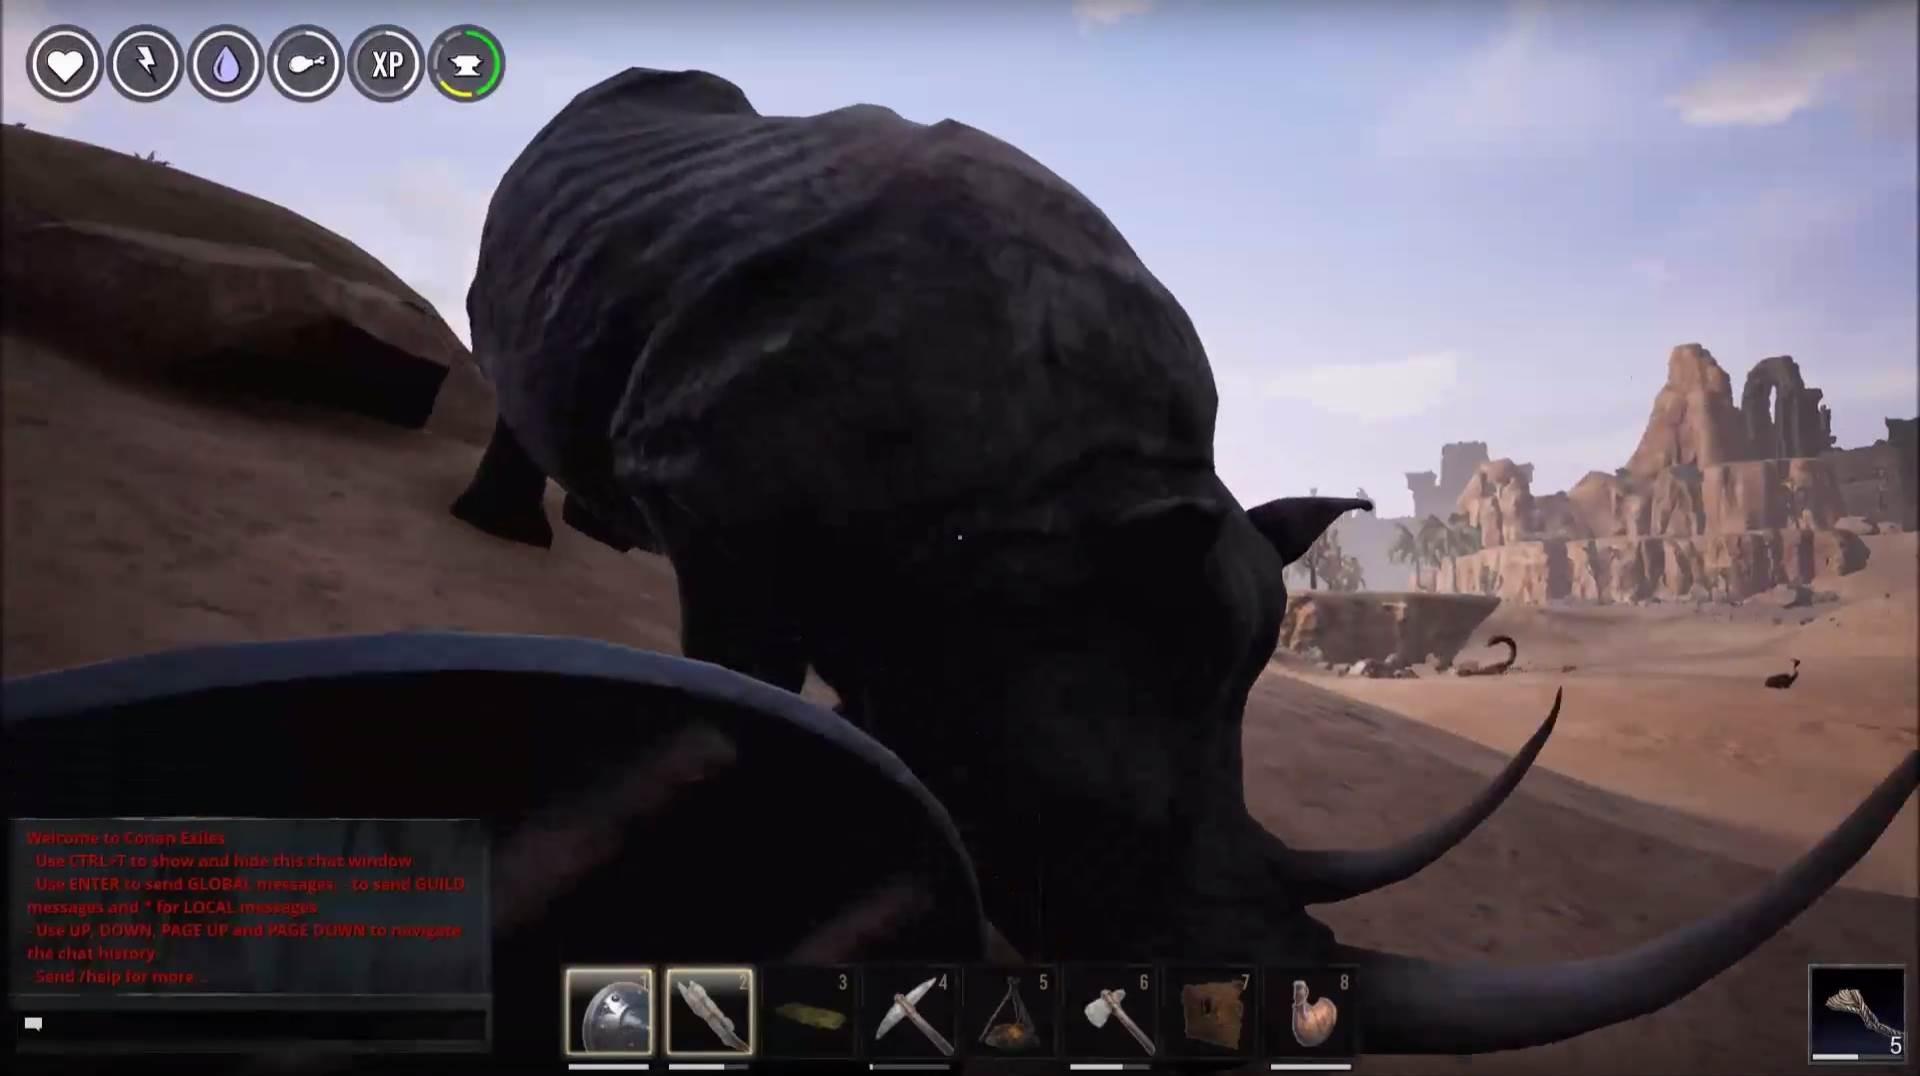 Conan Kletterausrüstung : Conan exiles u schwarzes rhino nerdenthum